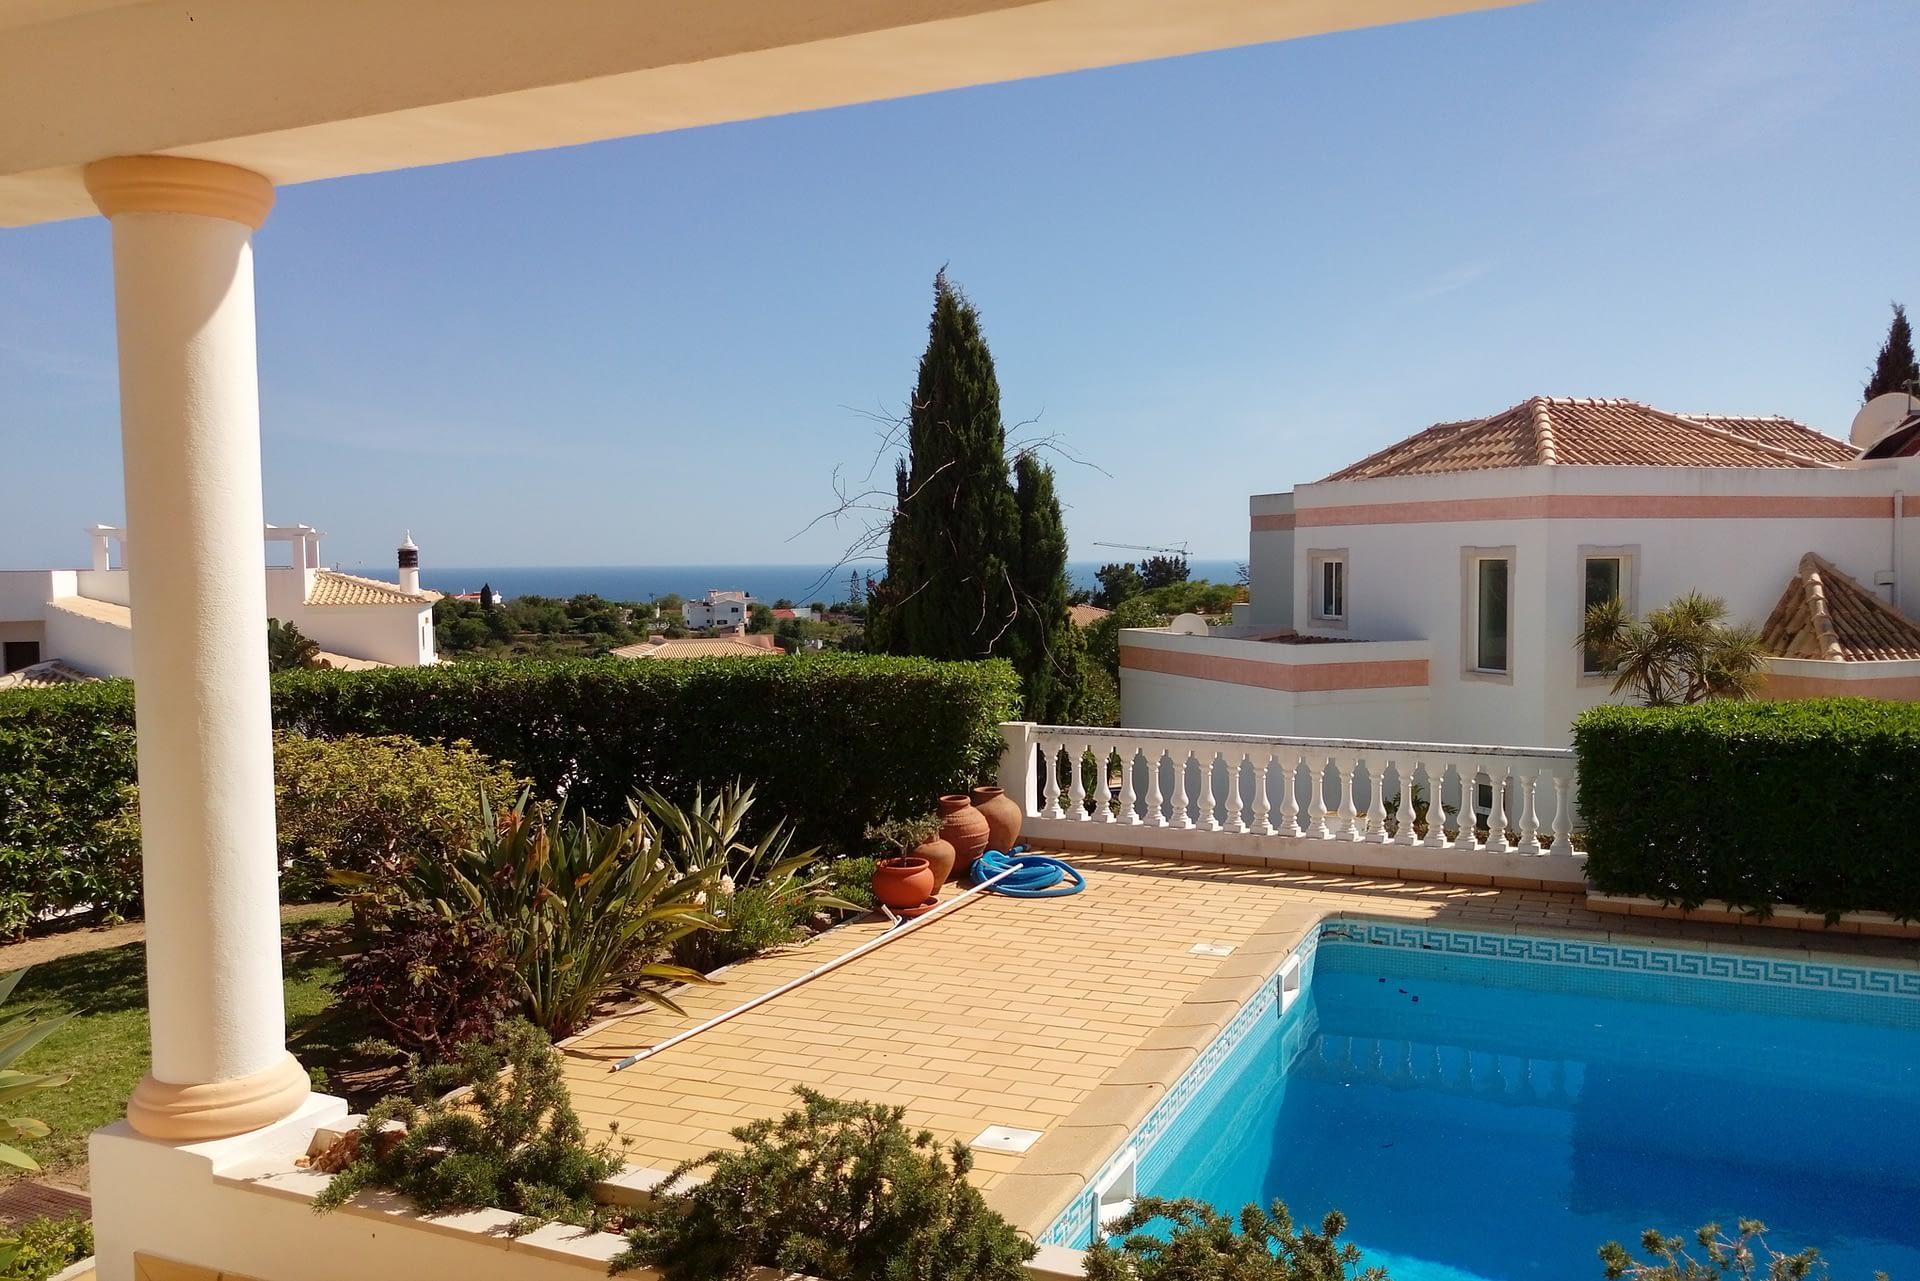 Très belle villa avec vue mer dans un quartier résidentiel